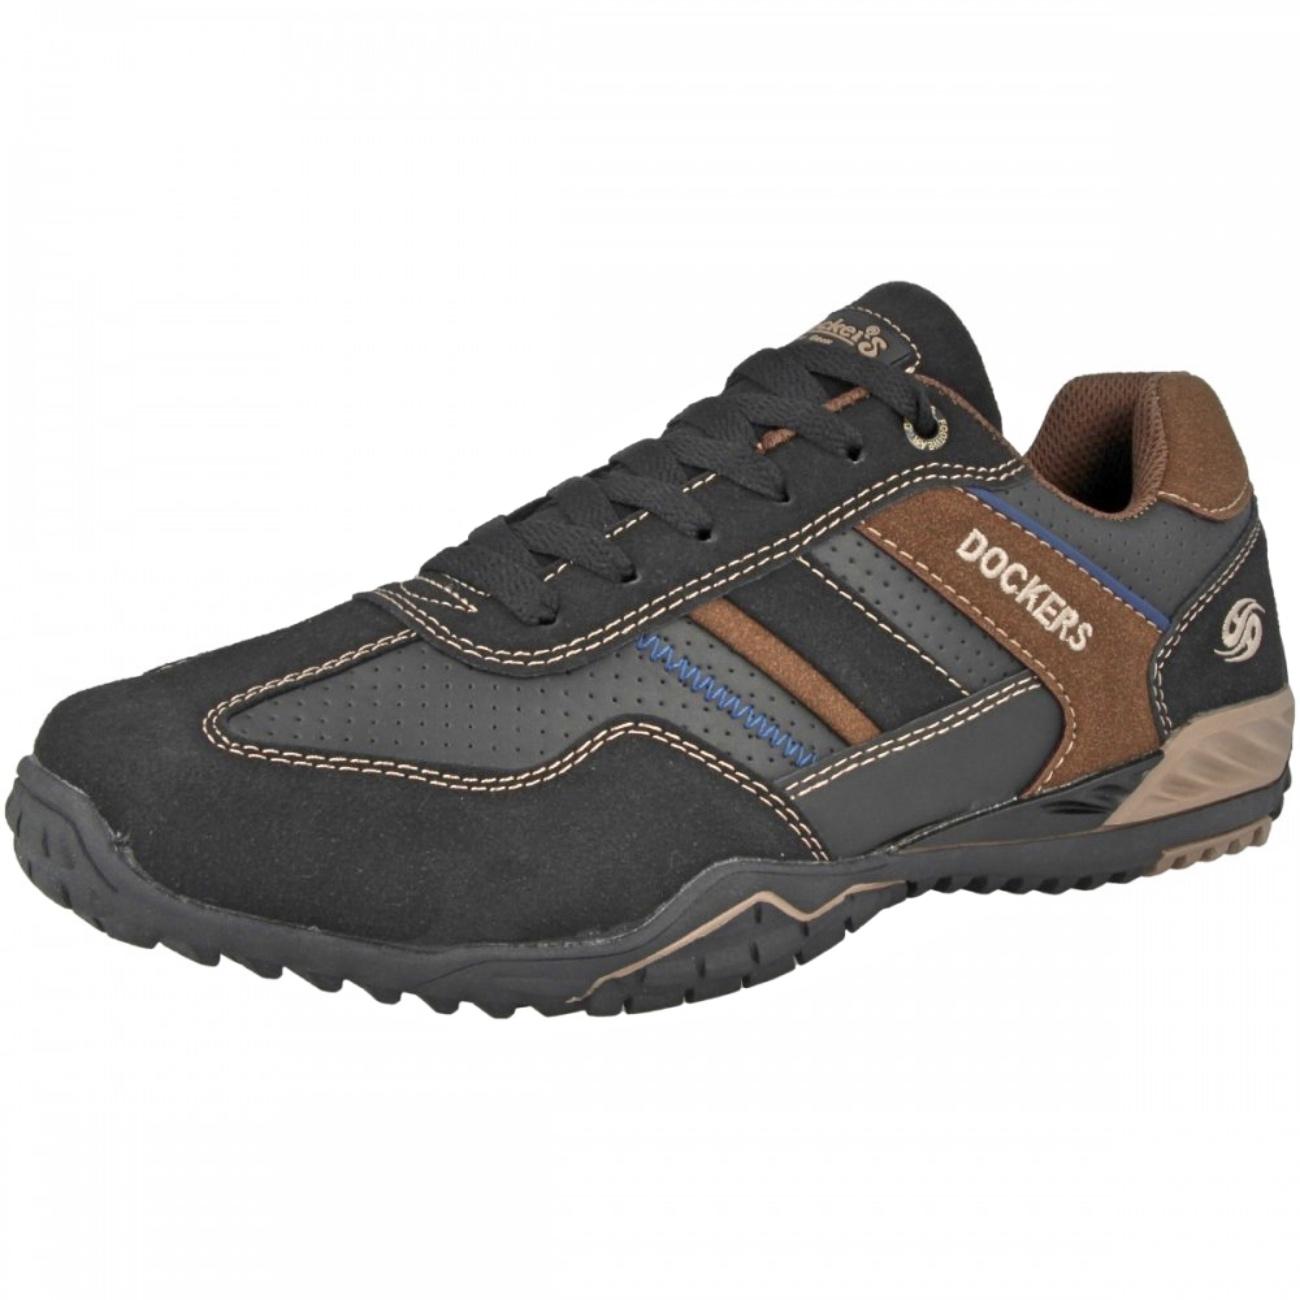 Dockers by Gerli 44NB001 Herren Sneakers Halbschuhe Schwarz